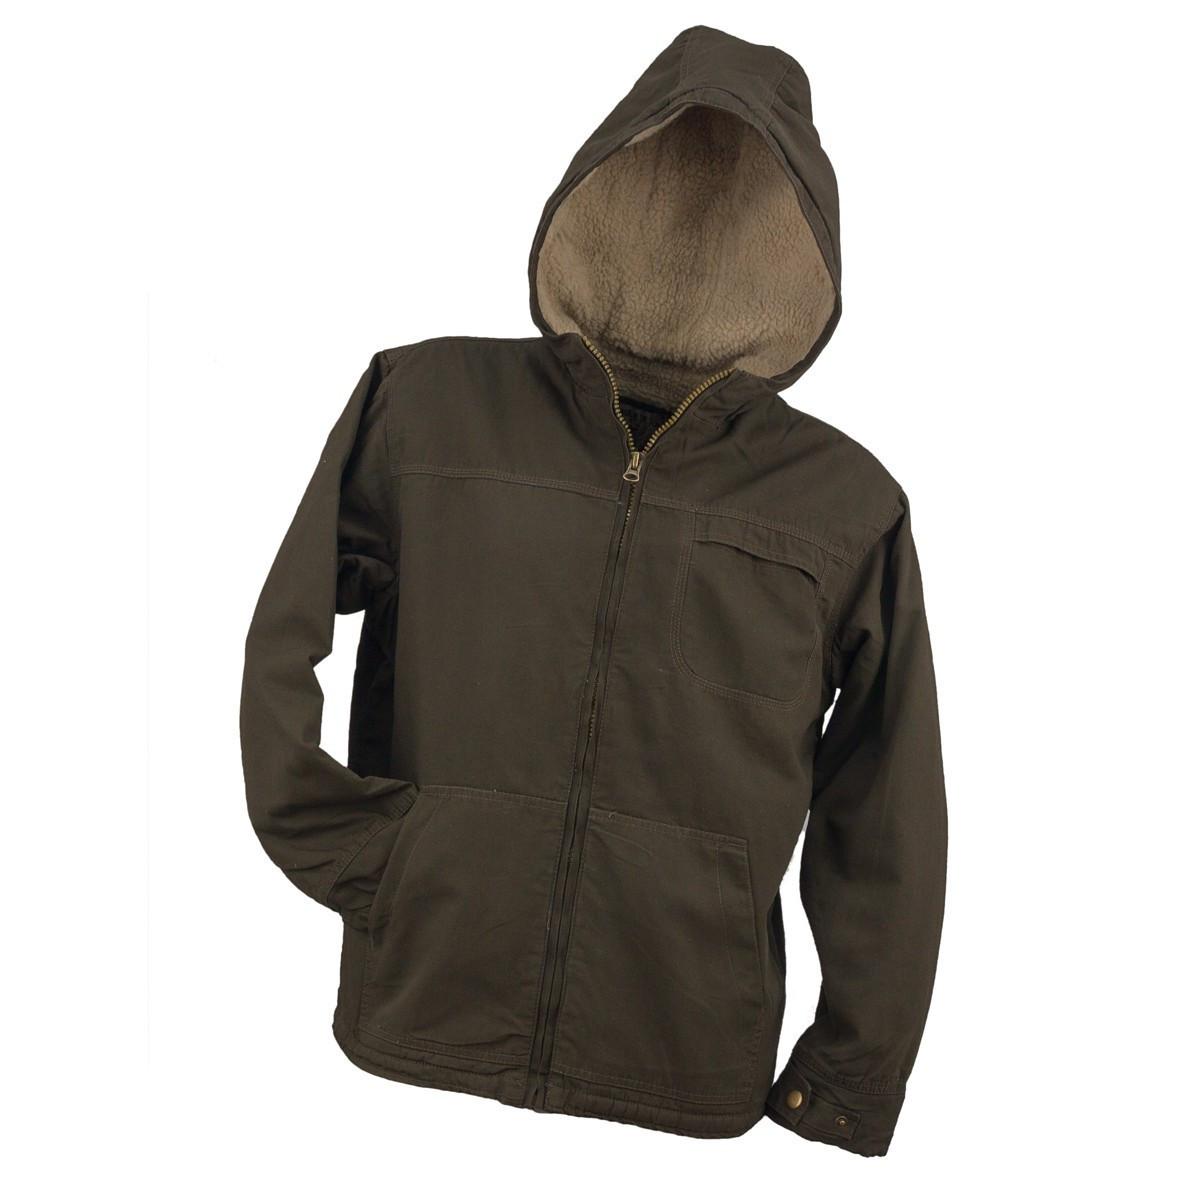 Демисезонная куртка KURTKA URG-3330 BROWN выполнена из 100% хлопка, коричневого цвета.  Urgent (POLAND)